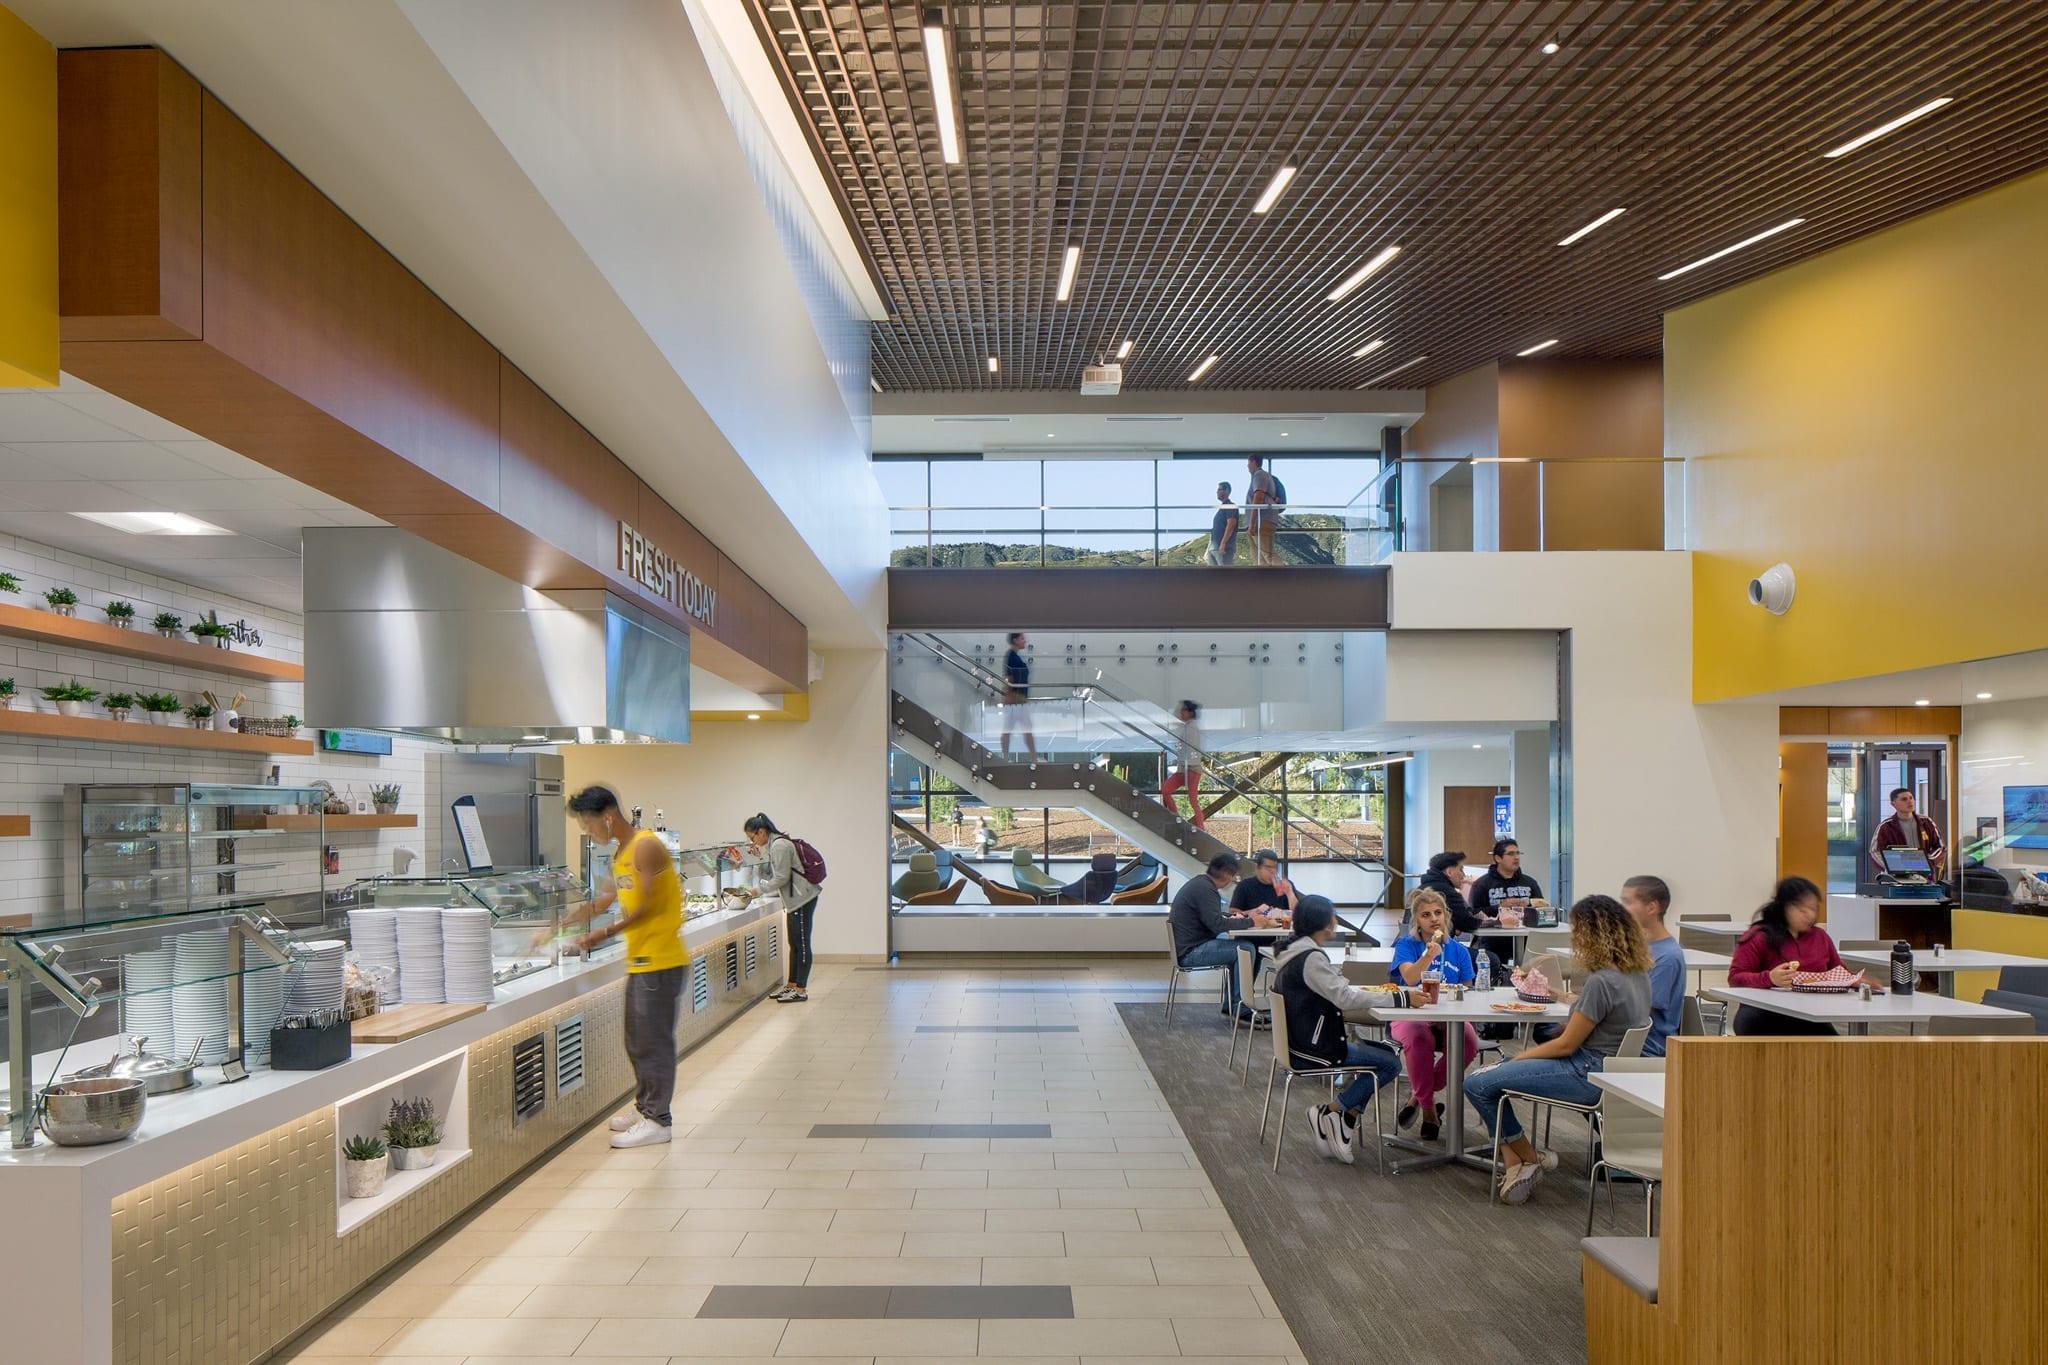 Higher Ed—CSU San Bernardino-4